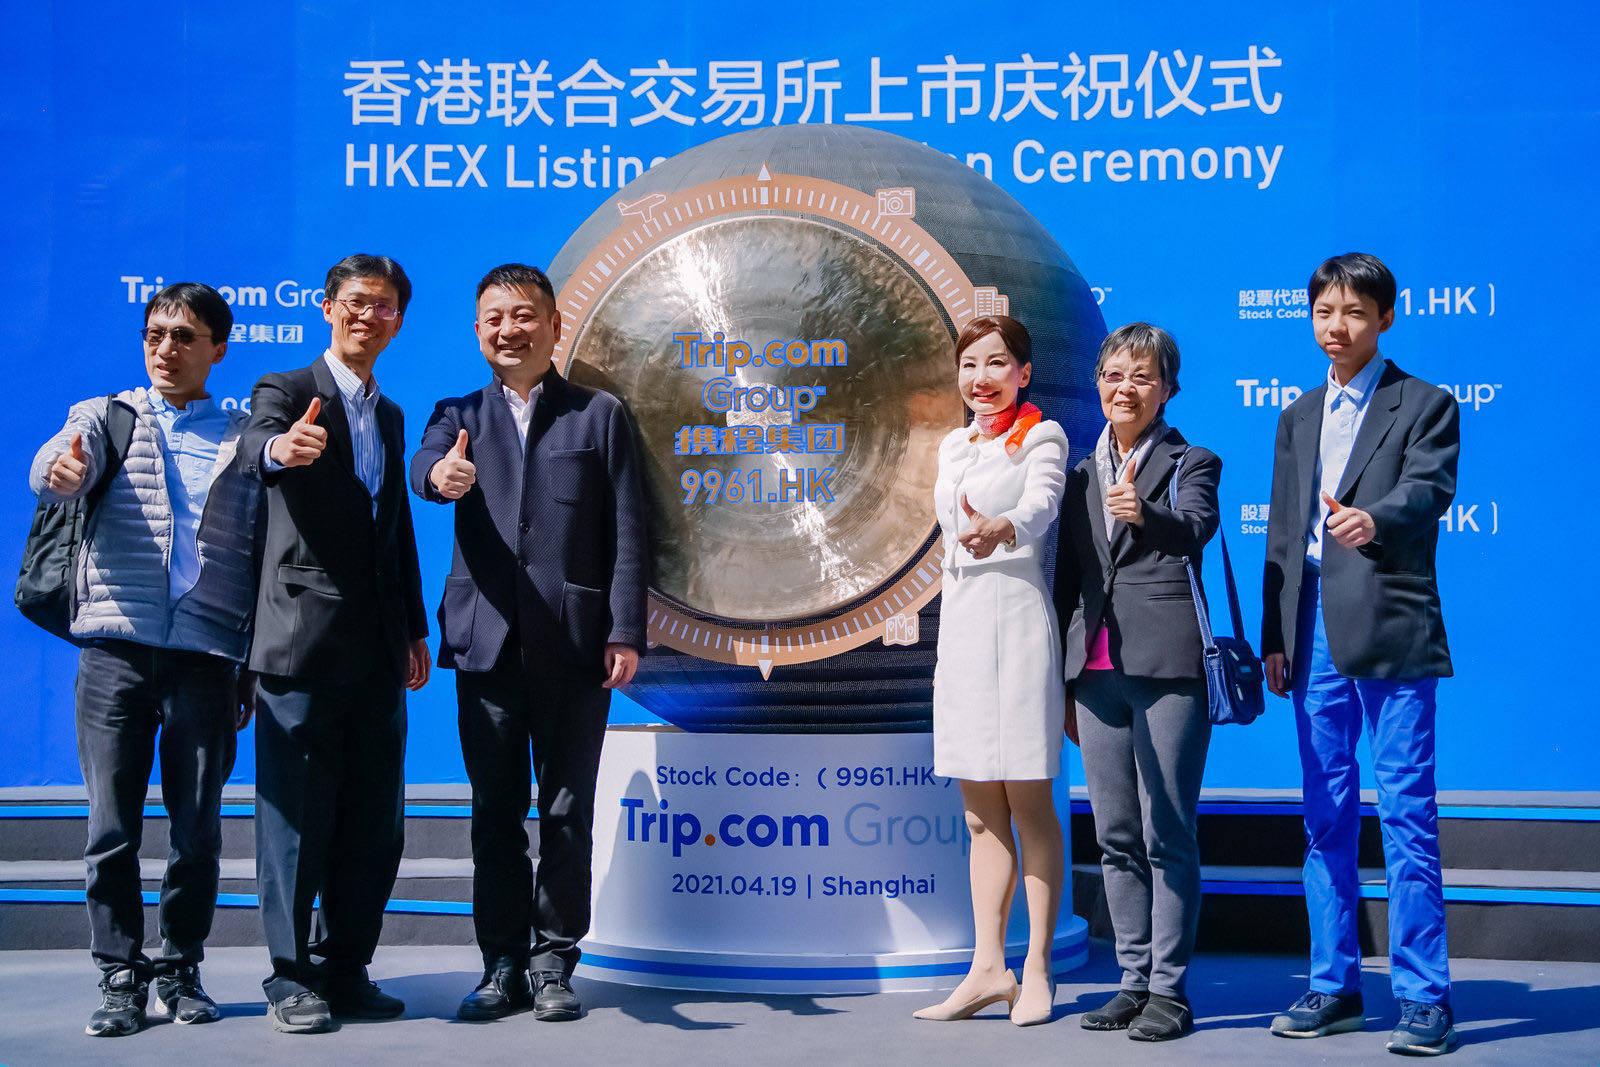 携程香港二次上市涨3%,梁建章:国内旅游业务已恢复增长